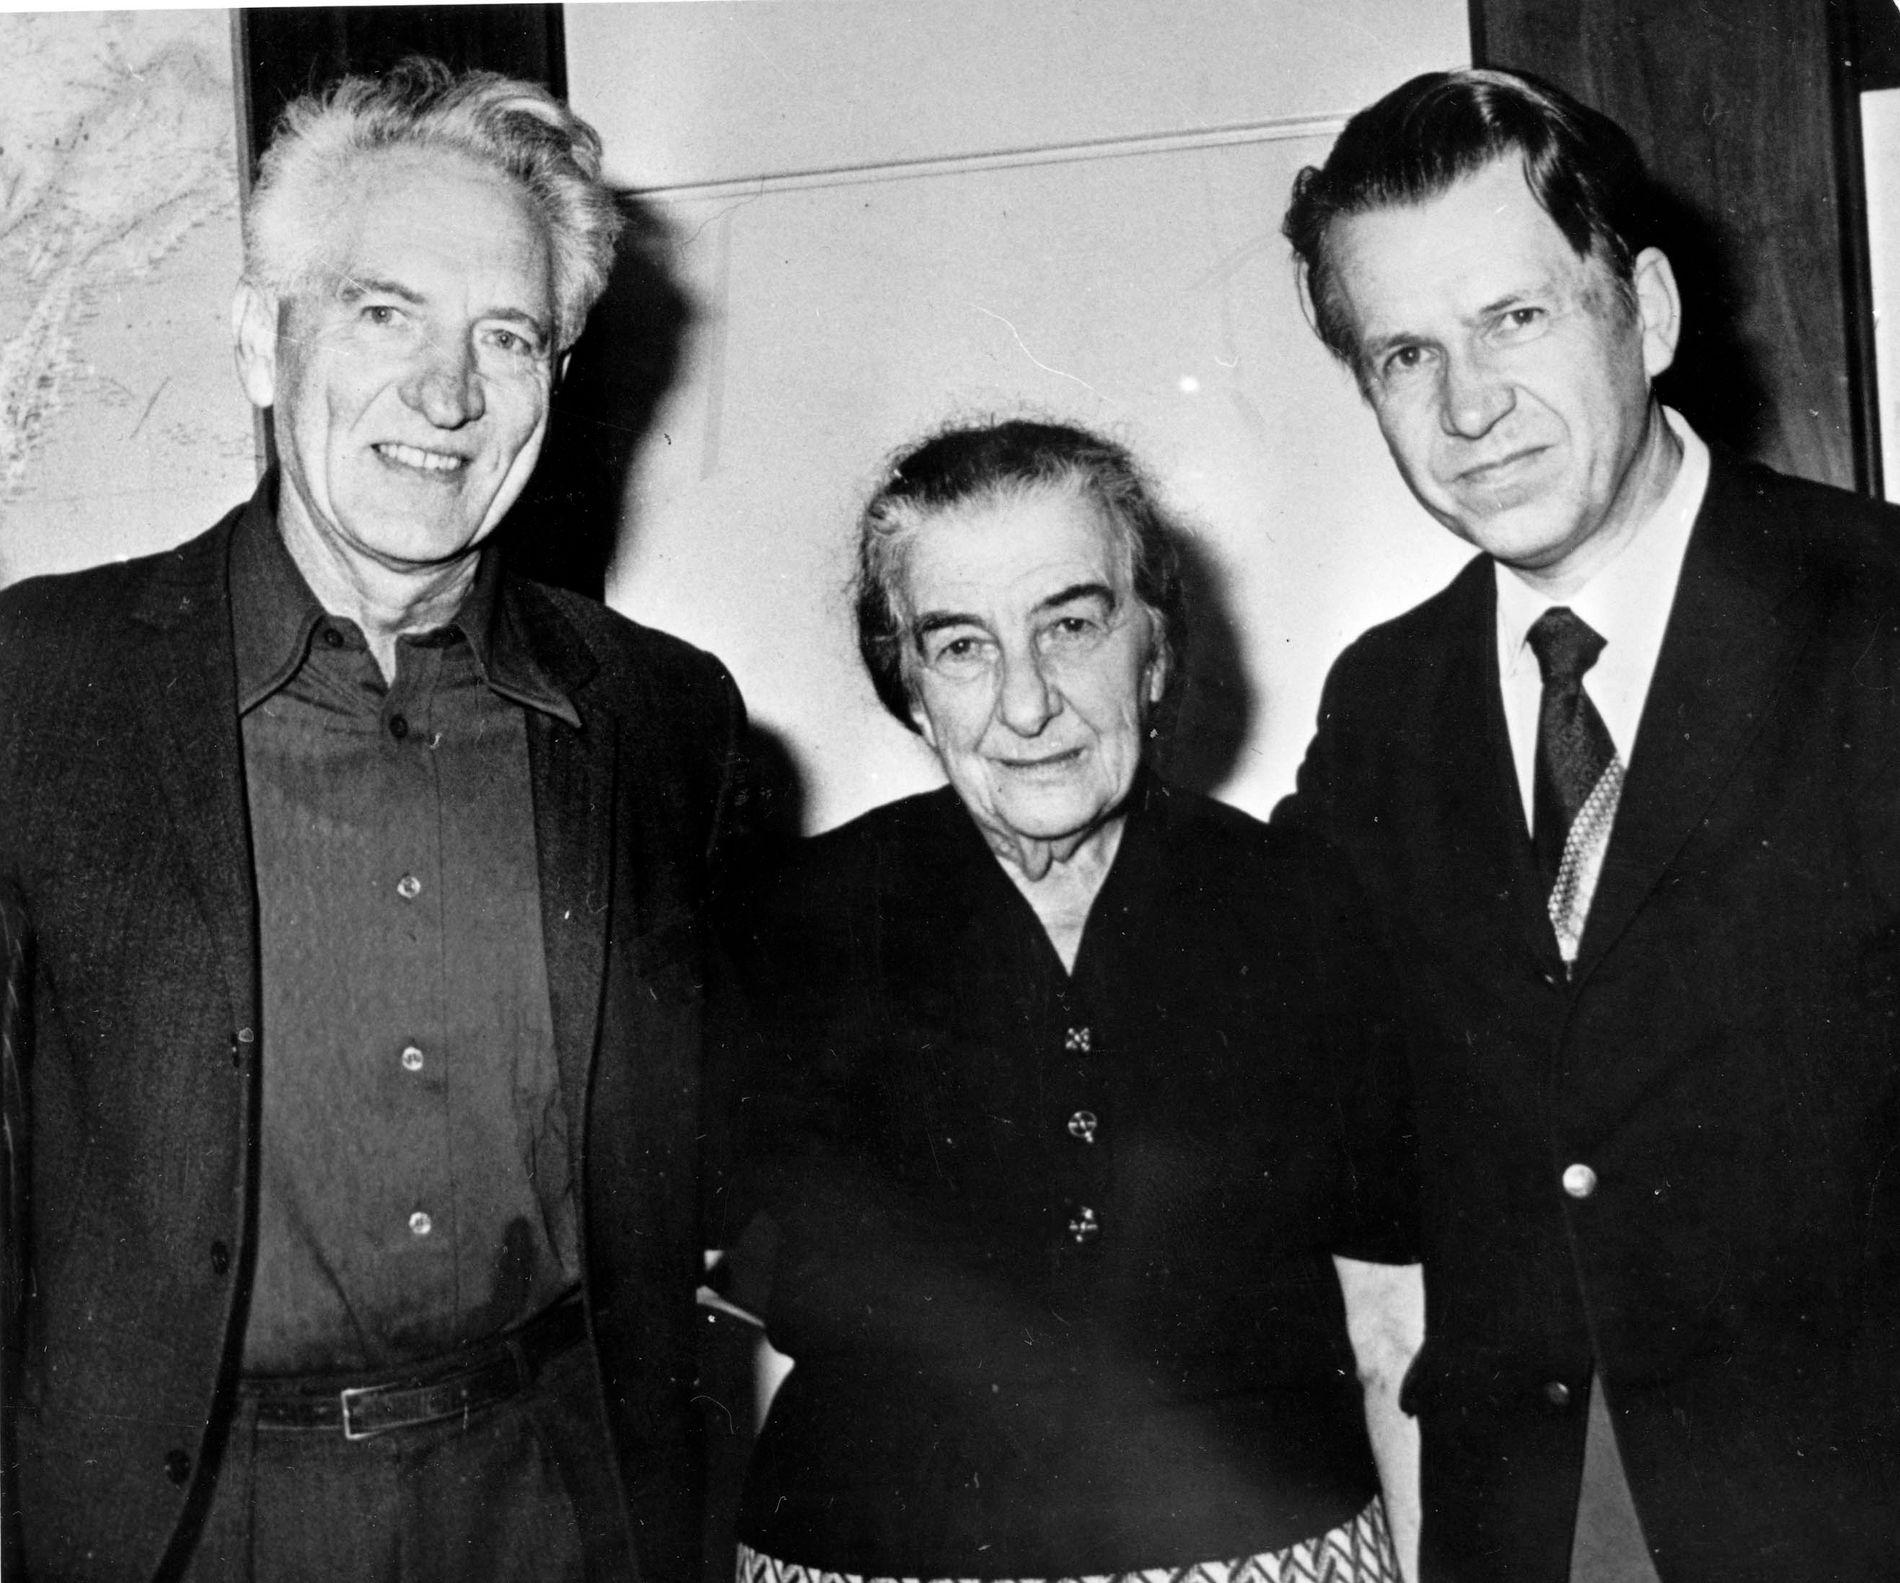 Aps partisekretær Haakon Lie var en av Israels statsminister Golda Meirs nære venner. Til høyre pastor Kaare Lunde.